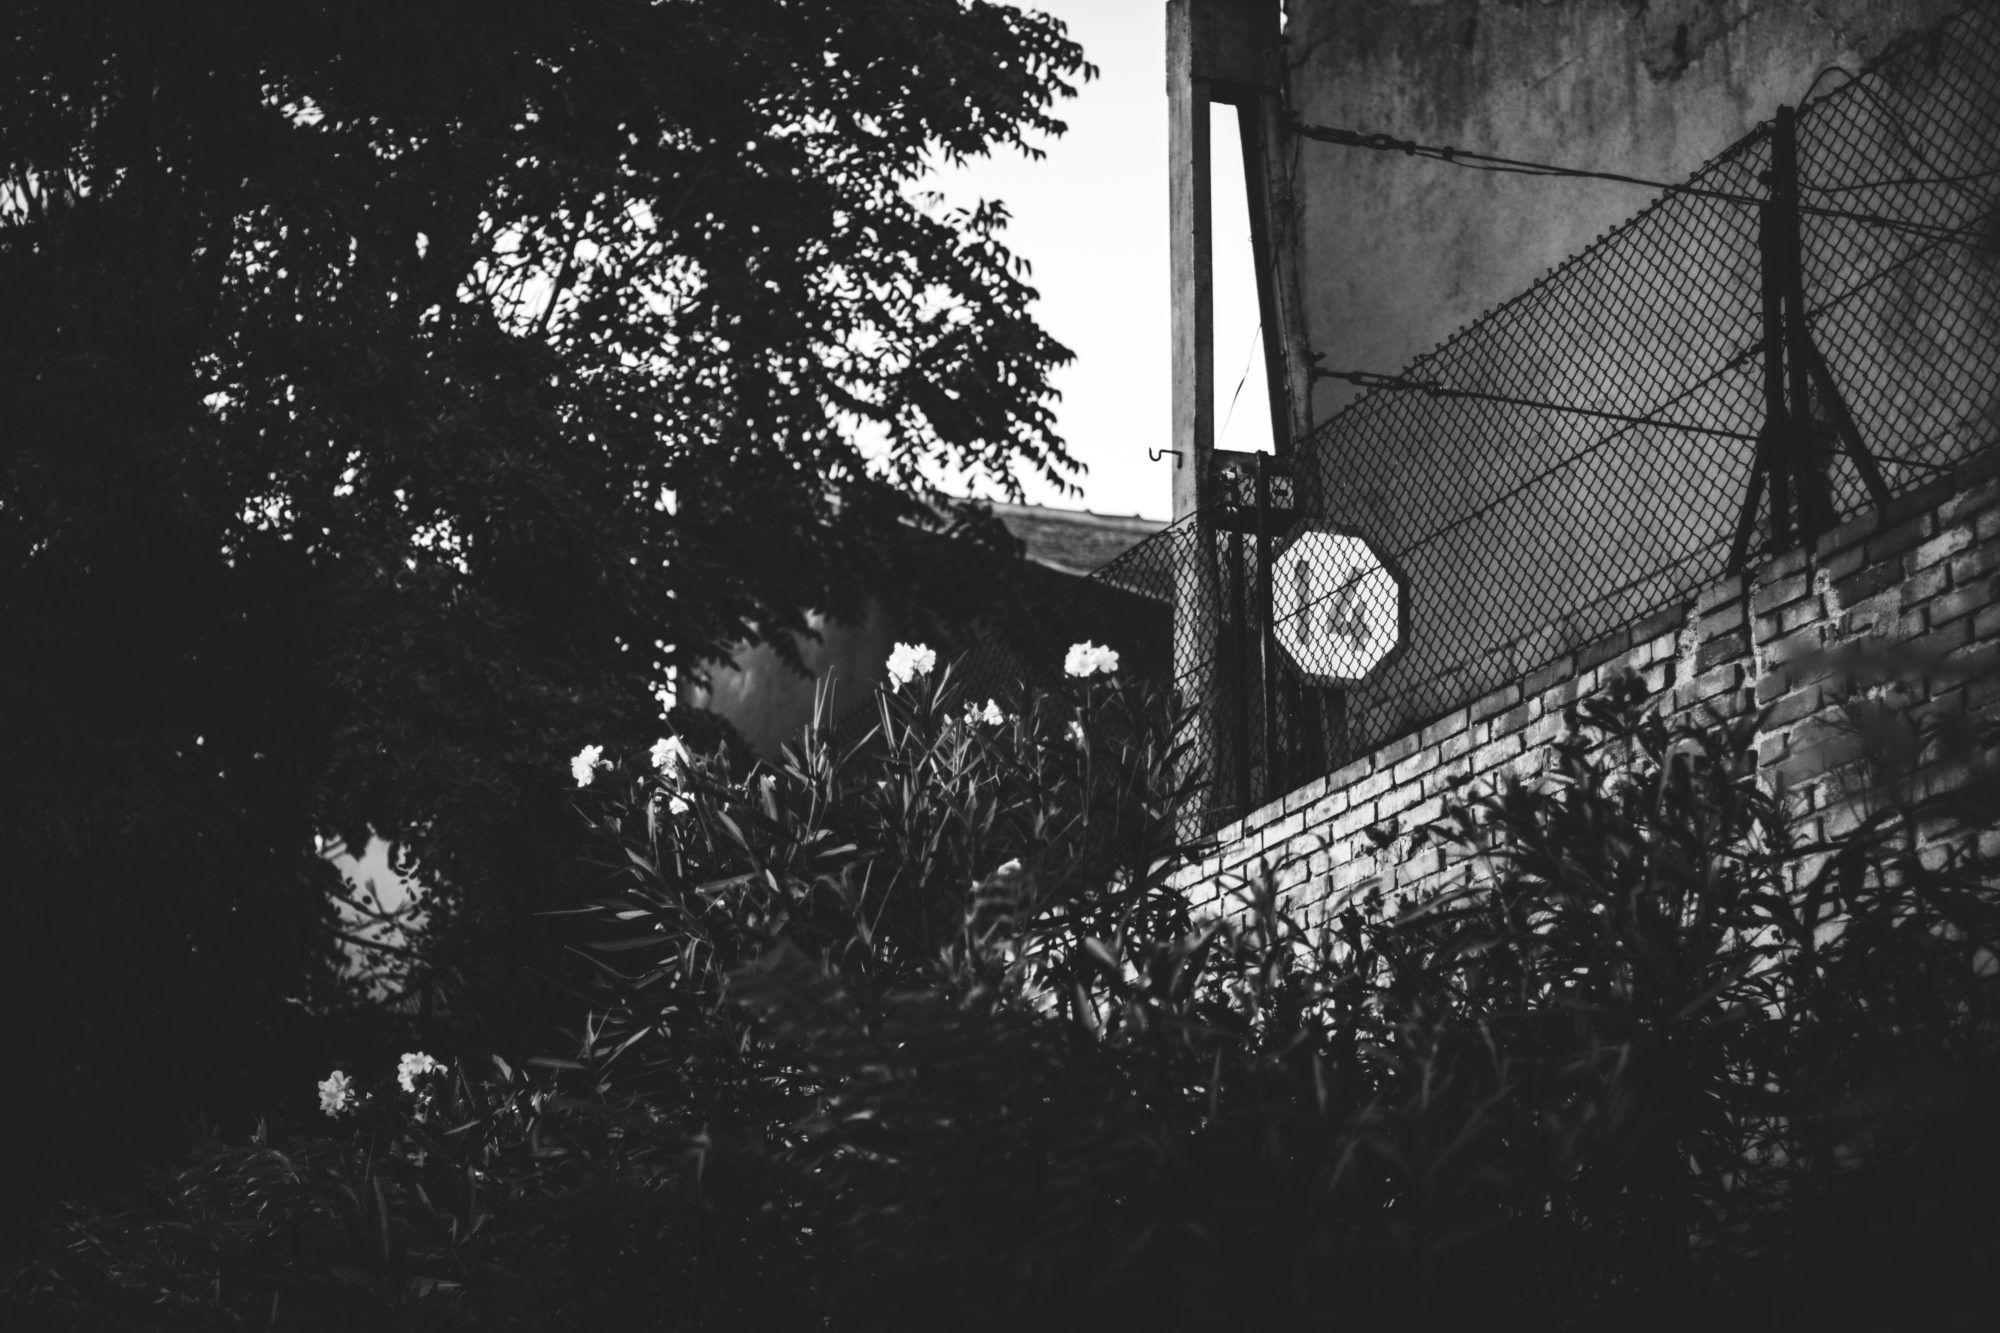 diez mil horas de fotografía